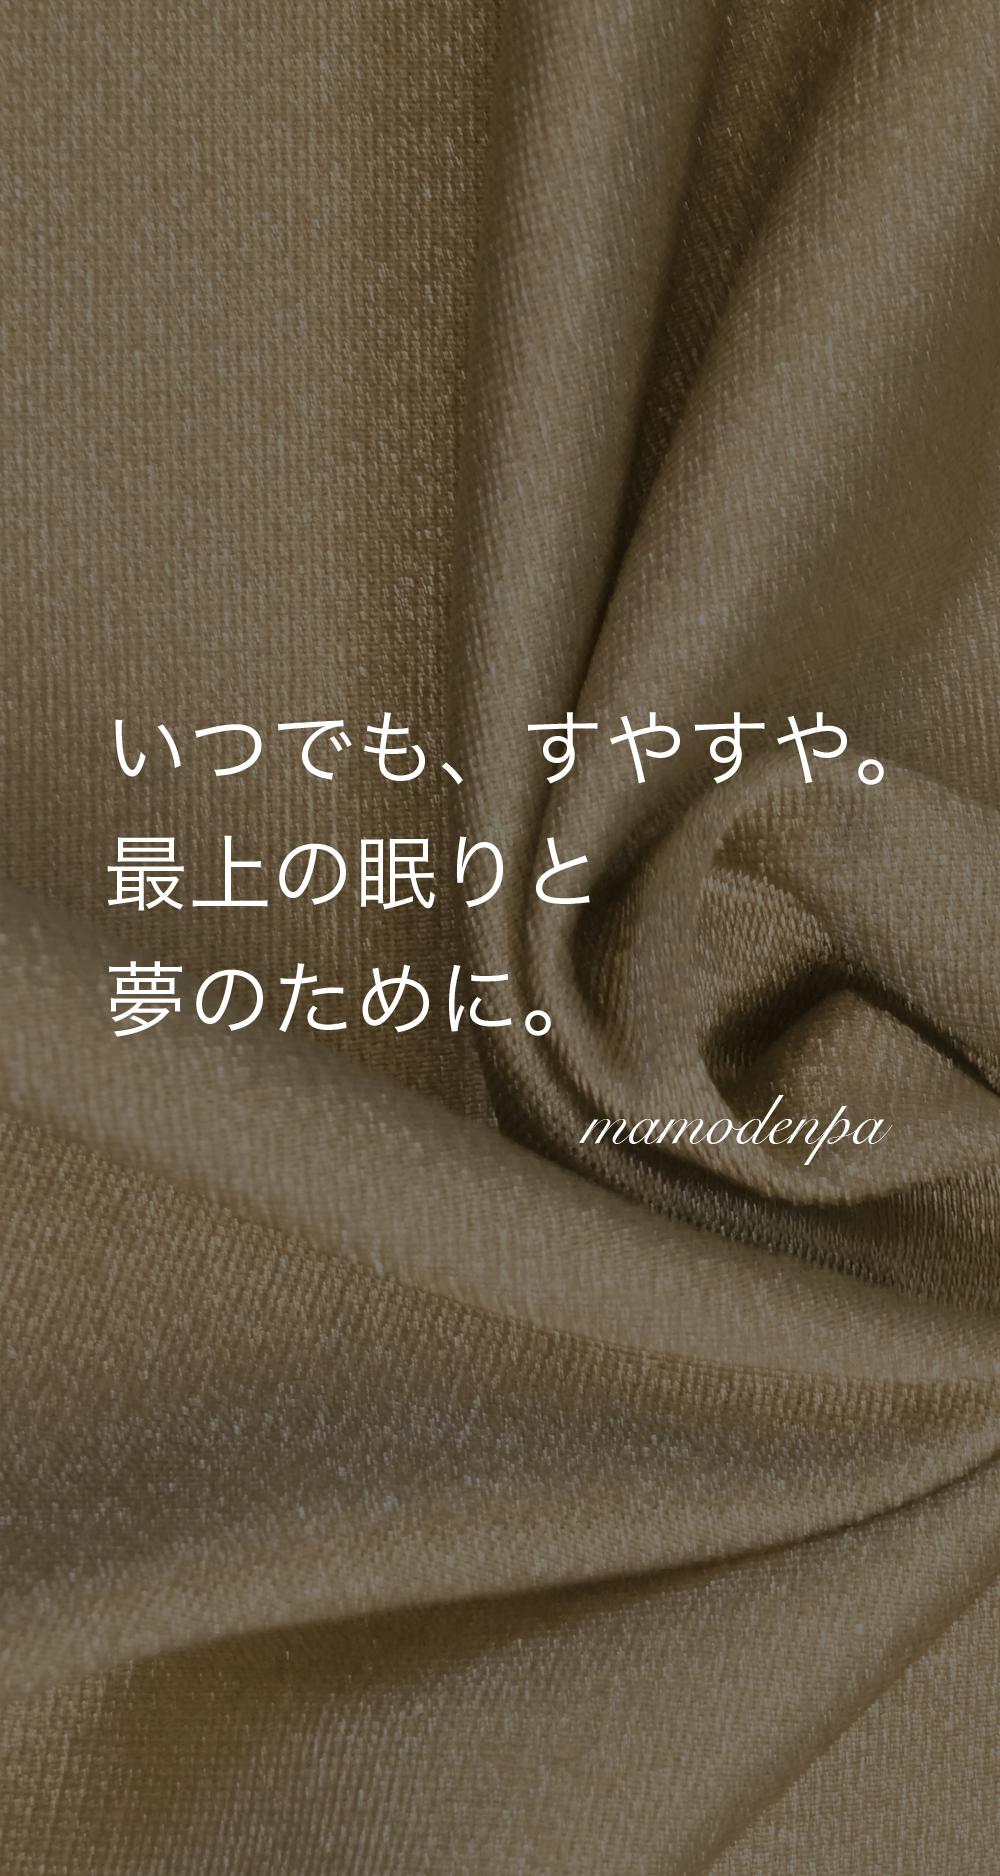 いつでも、すやすや。最上の眠りと夢のために。